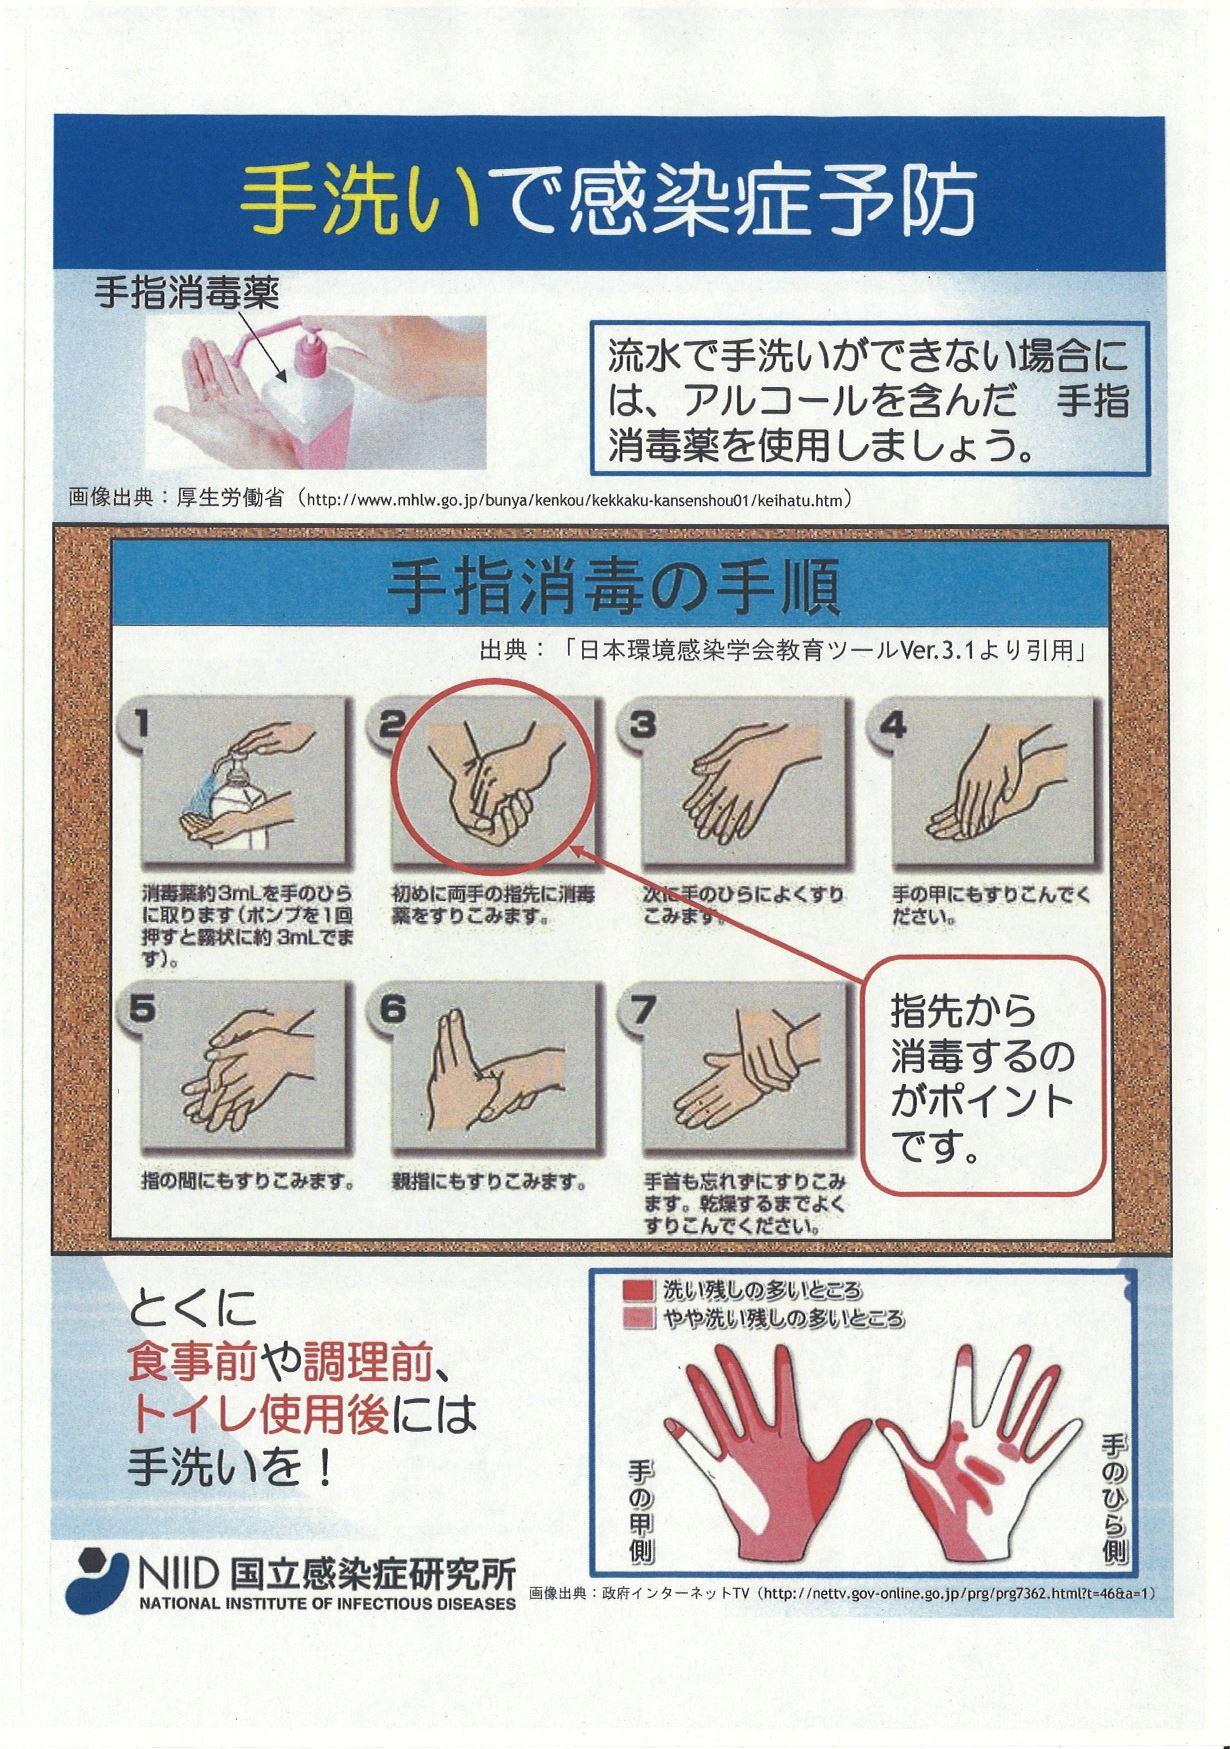 手洗いで感染症予防